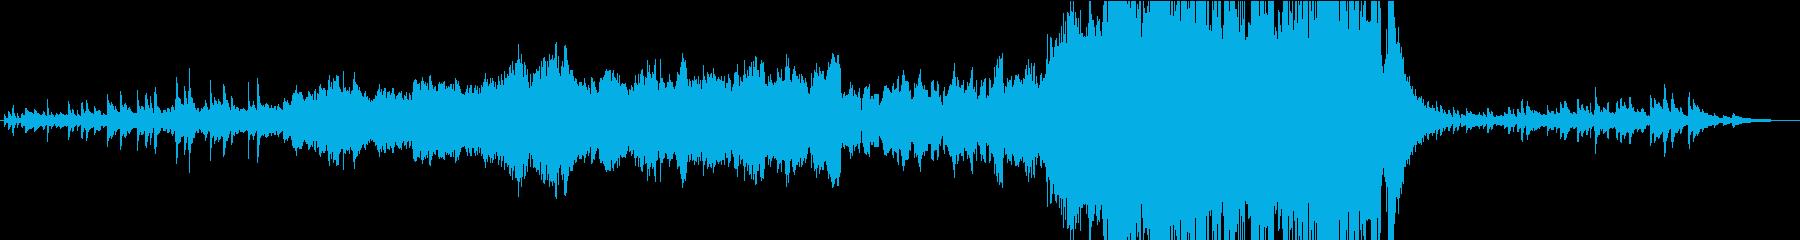 オープニングorエンディング想定の曲ですの再生済みの波形